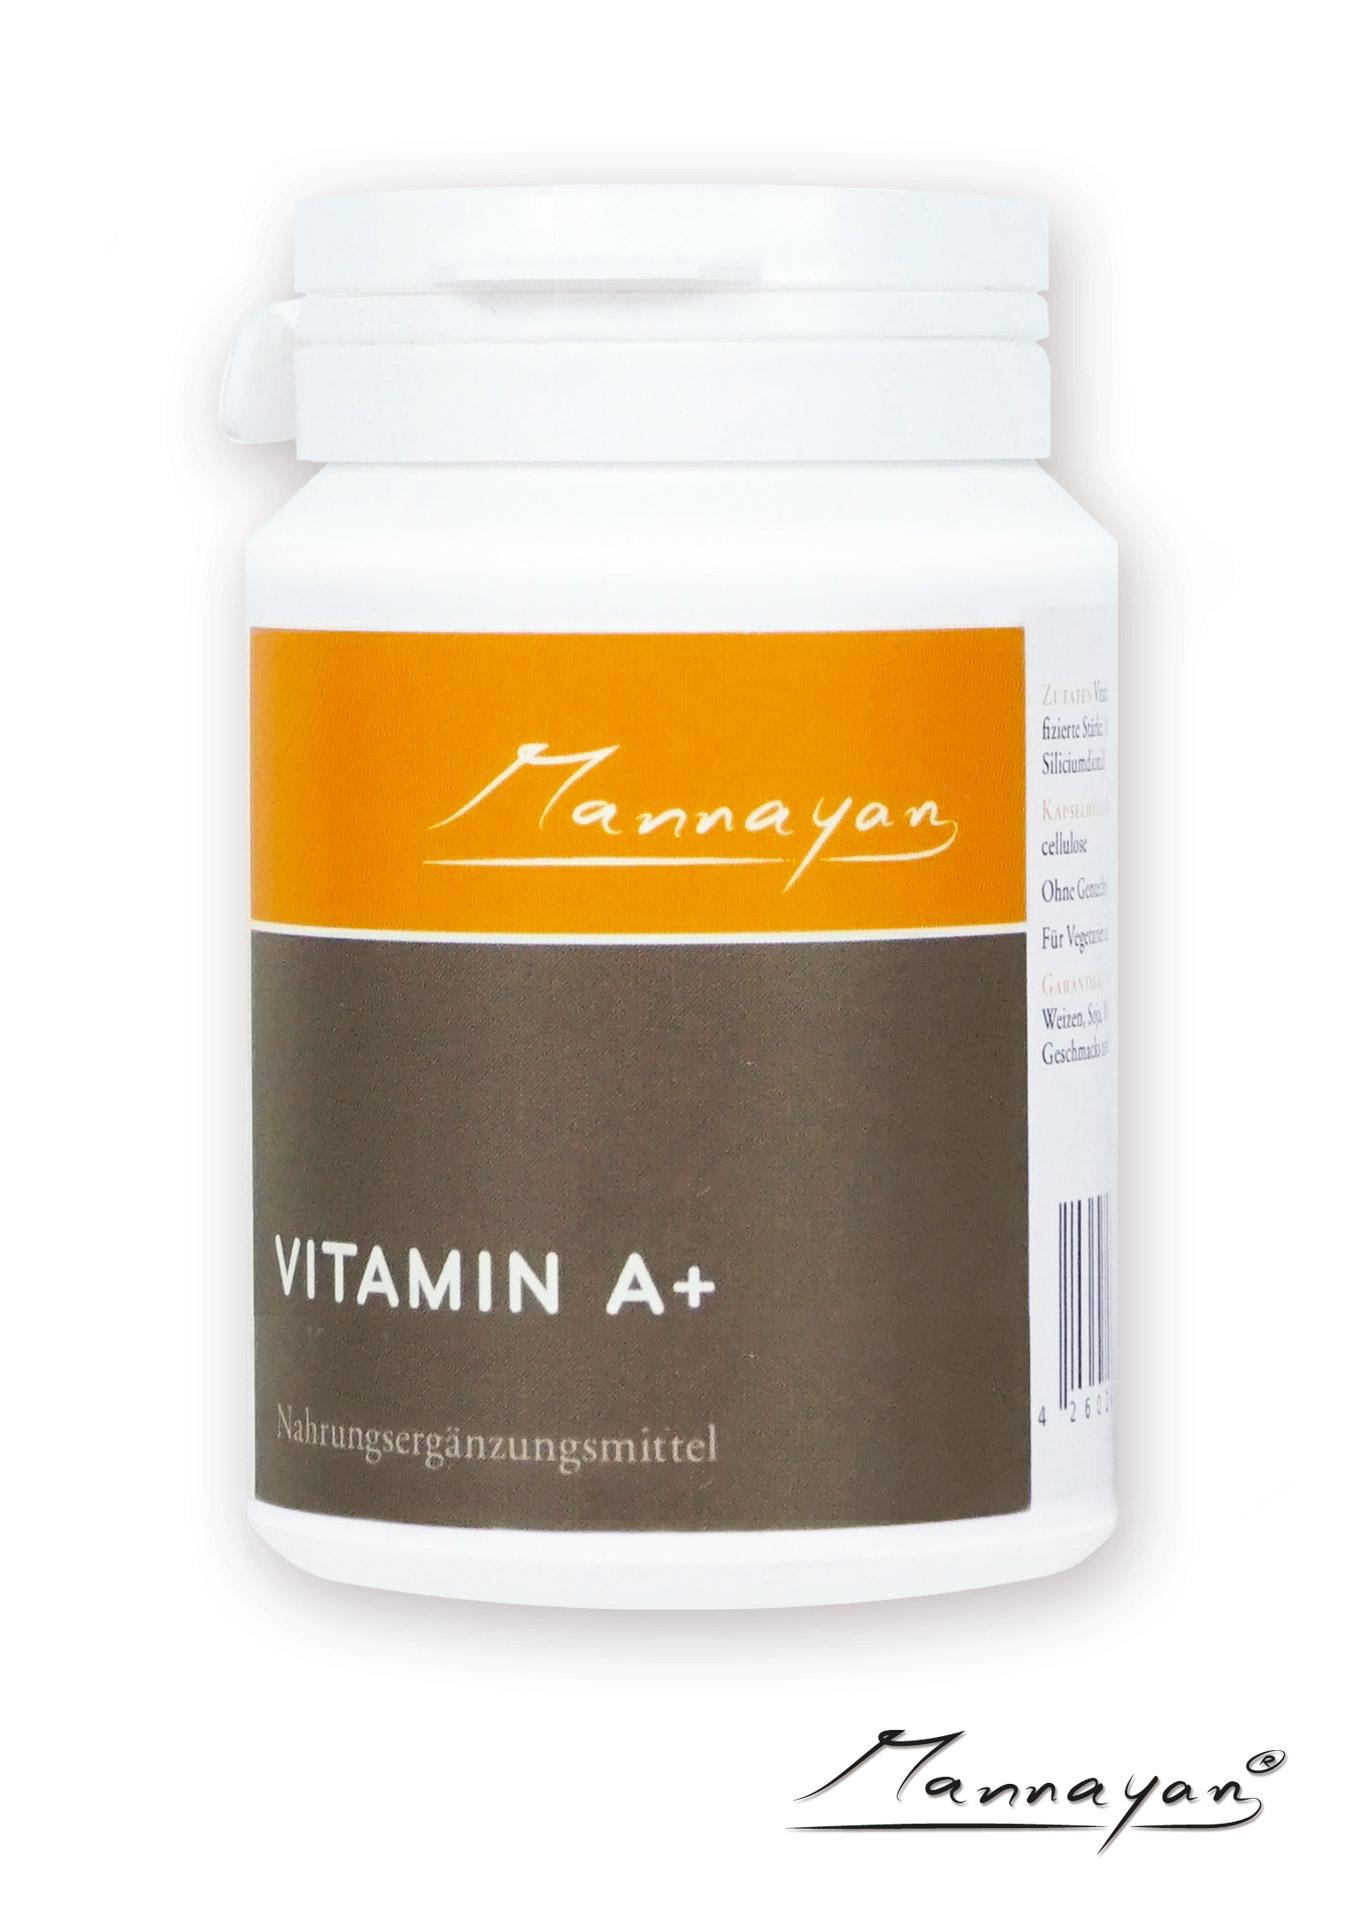 Vitamin A+ von Mannayan